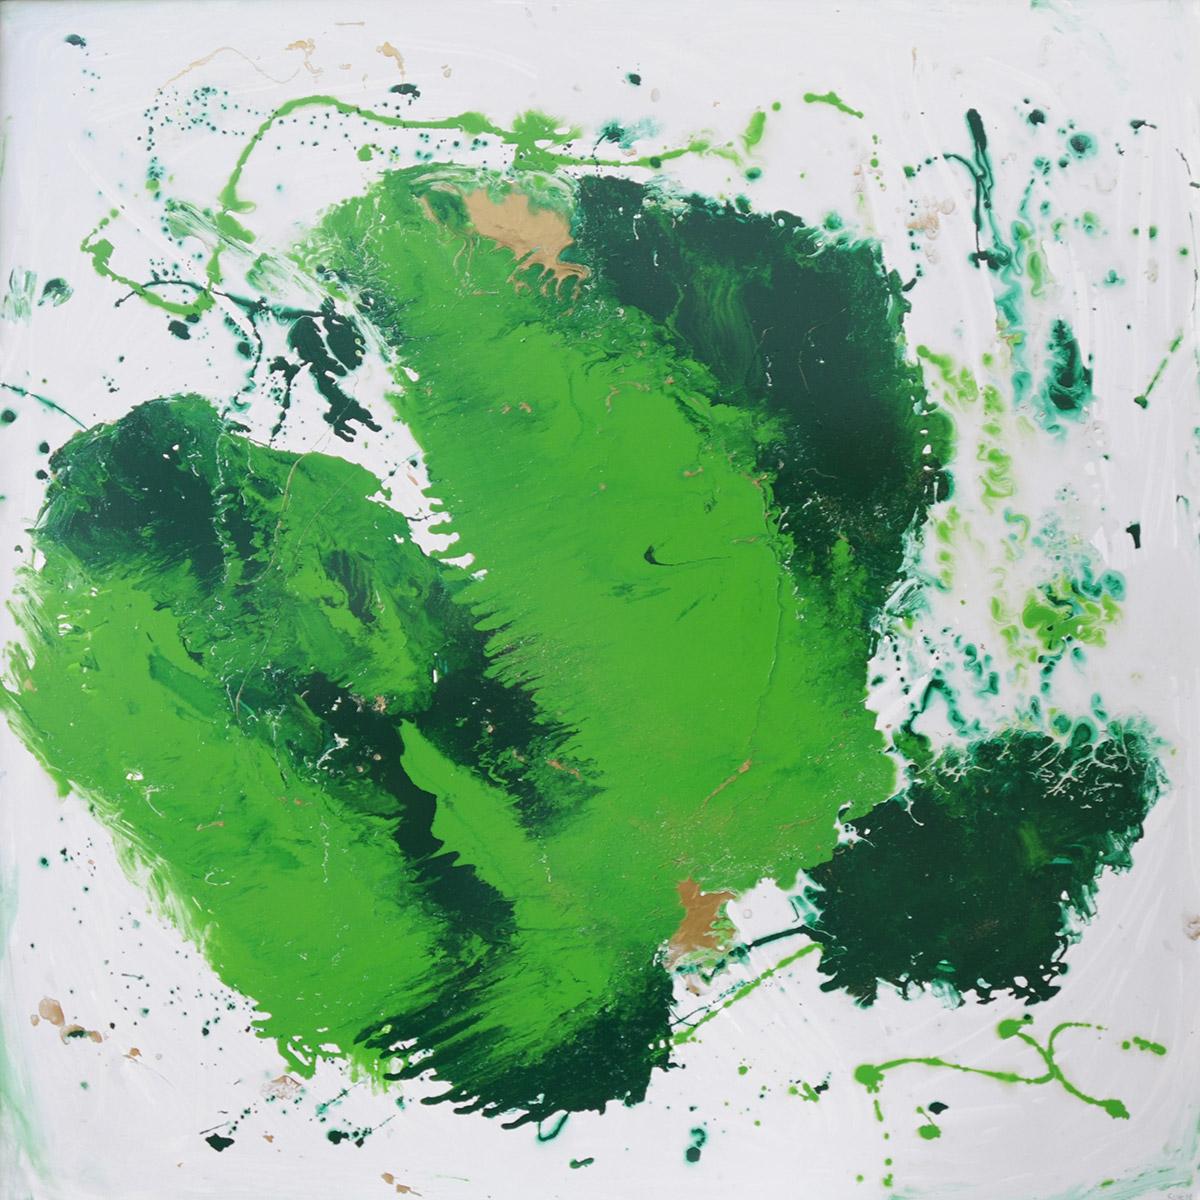 Grüner Abgrund